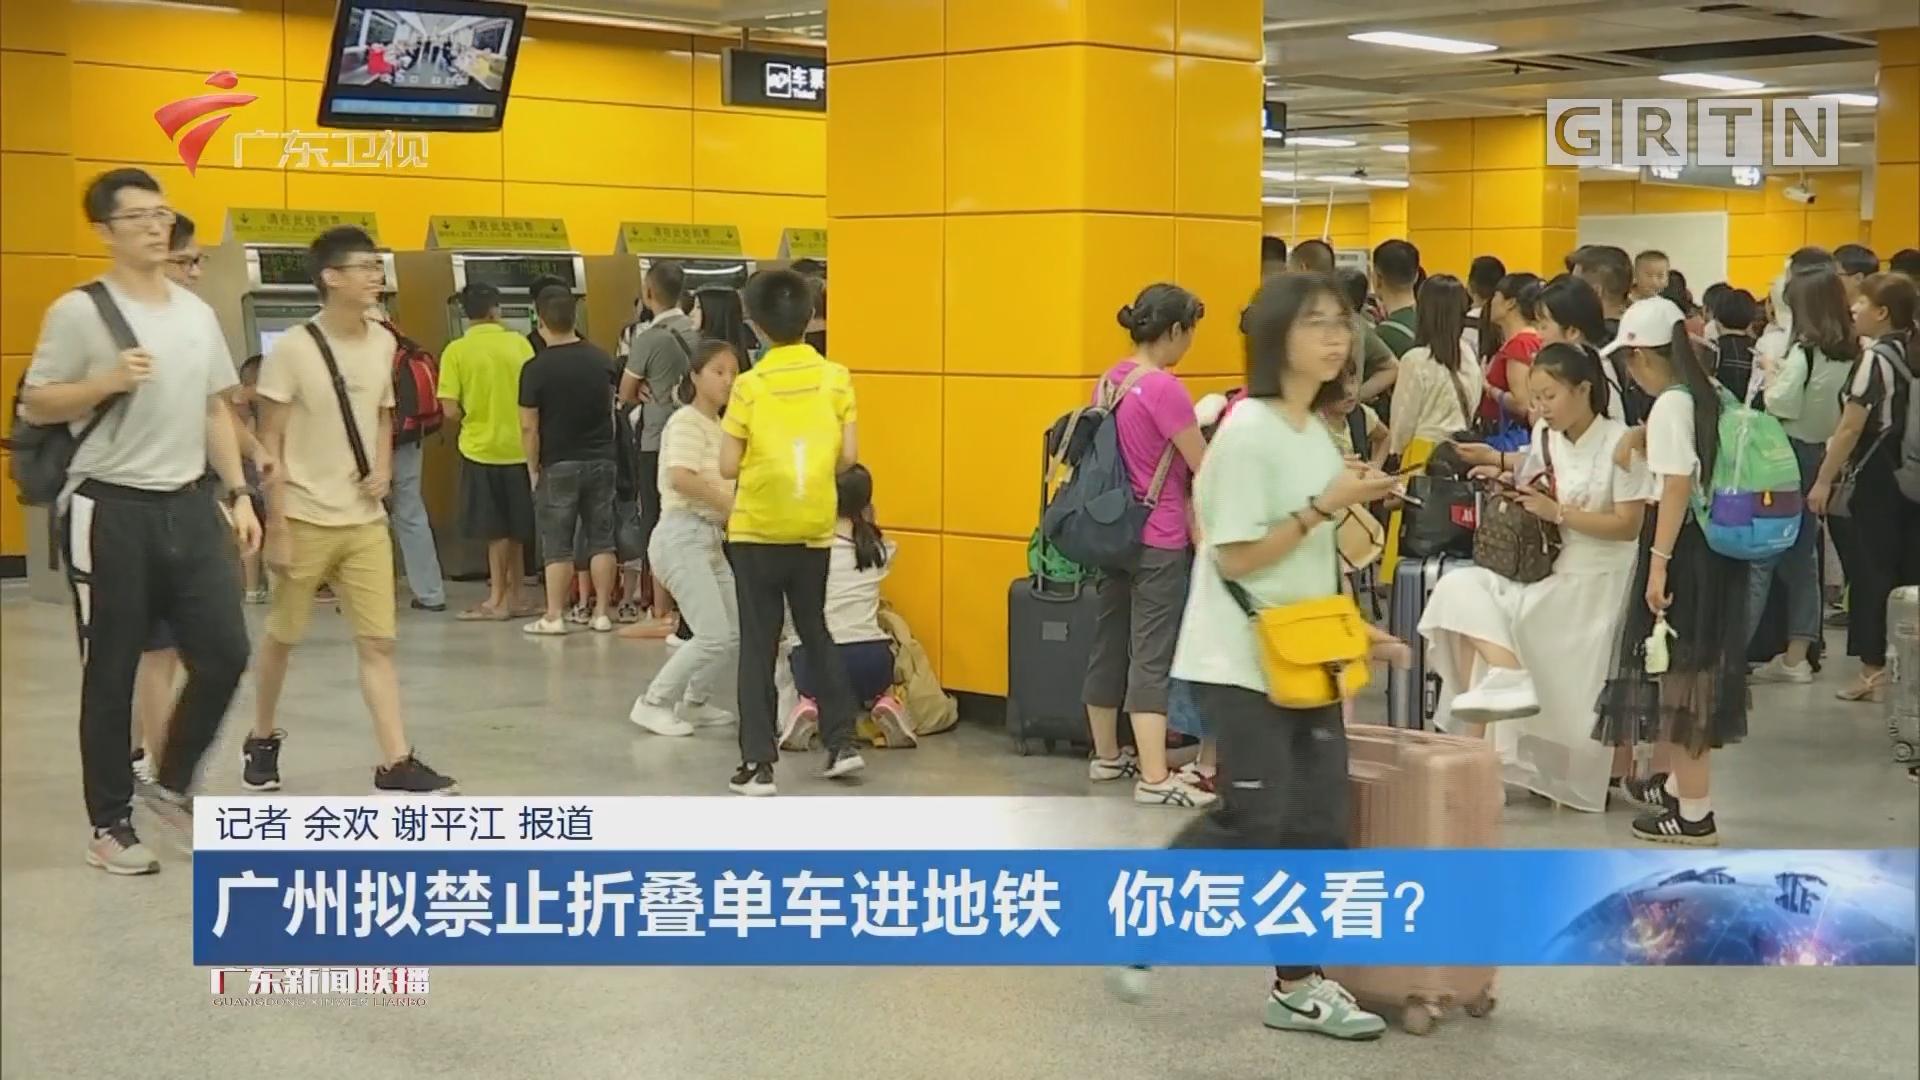 广州拟禁止折叠单车进地铁 你怎么看?